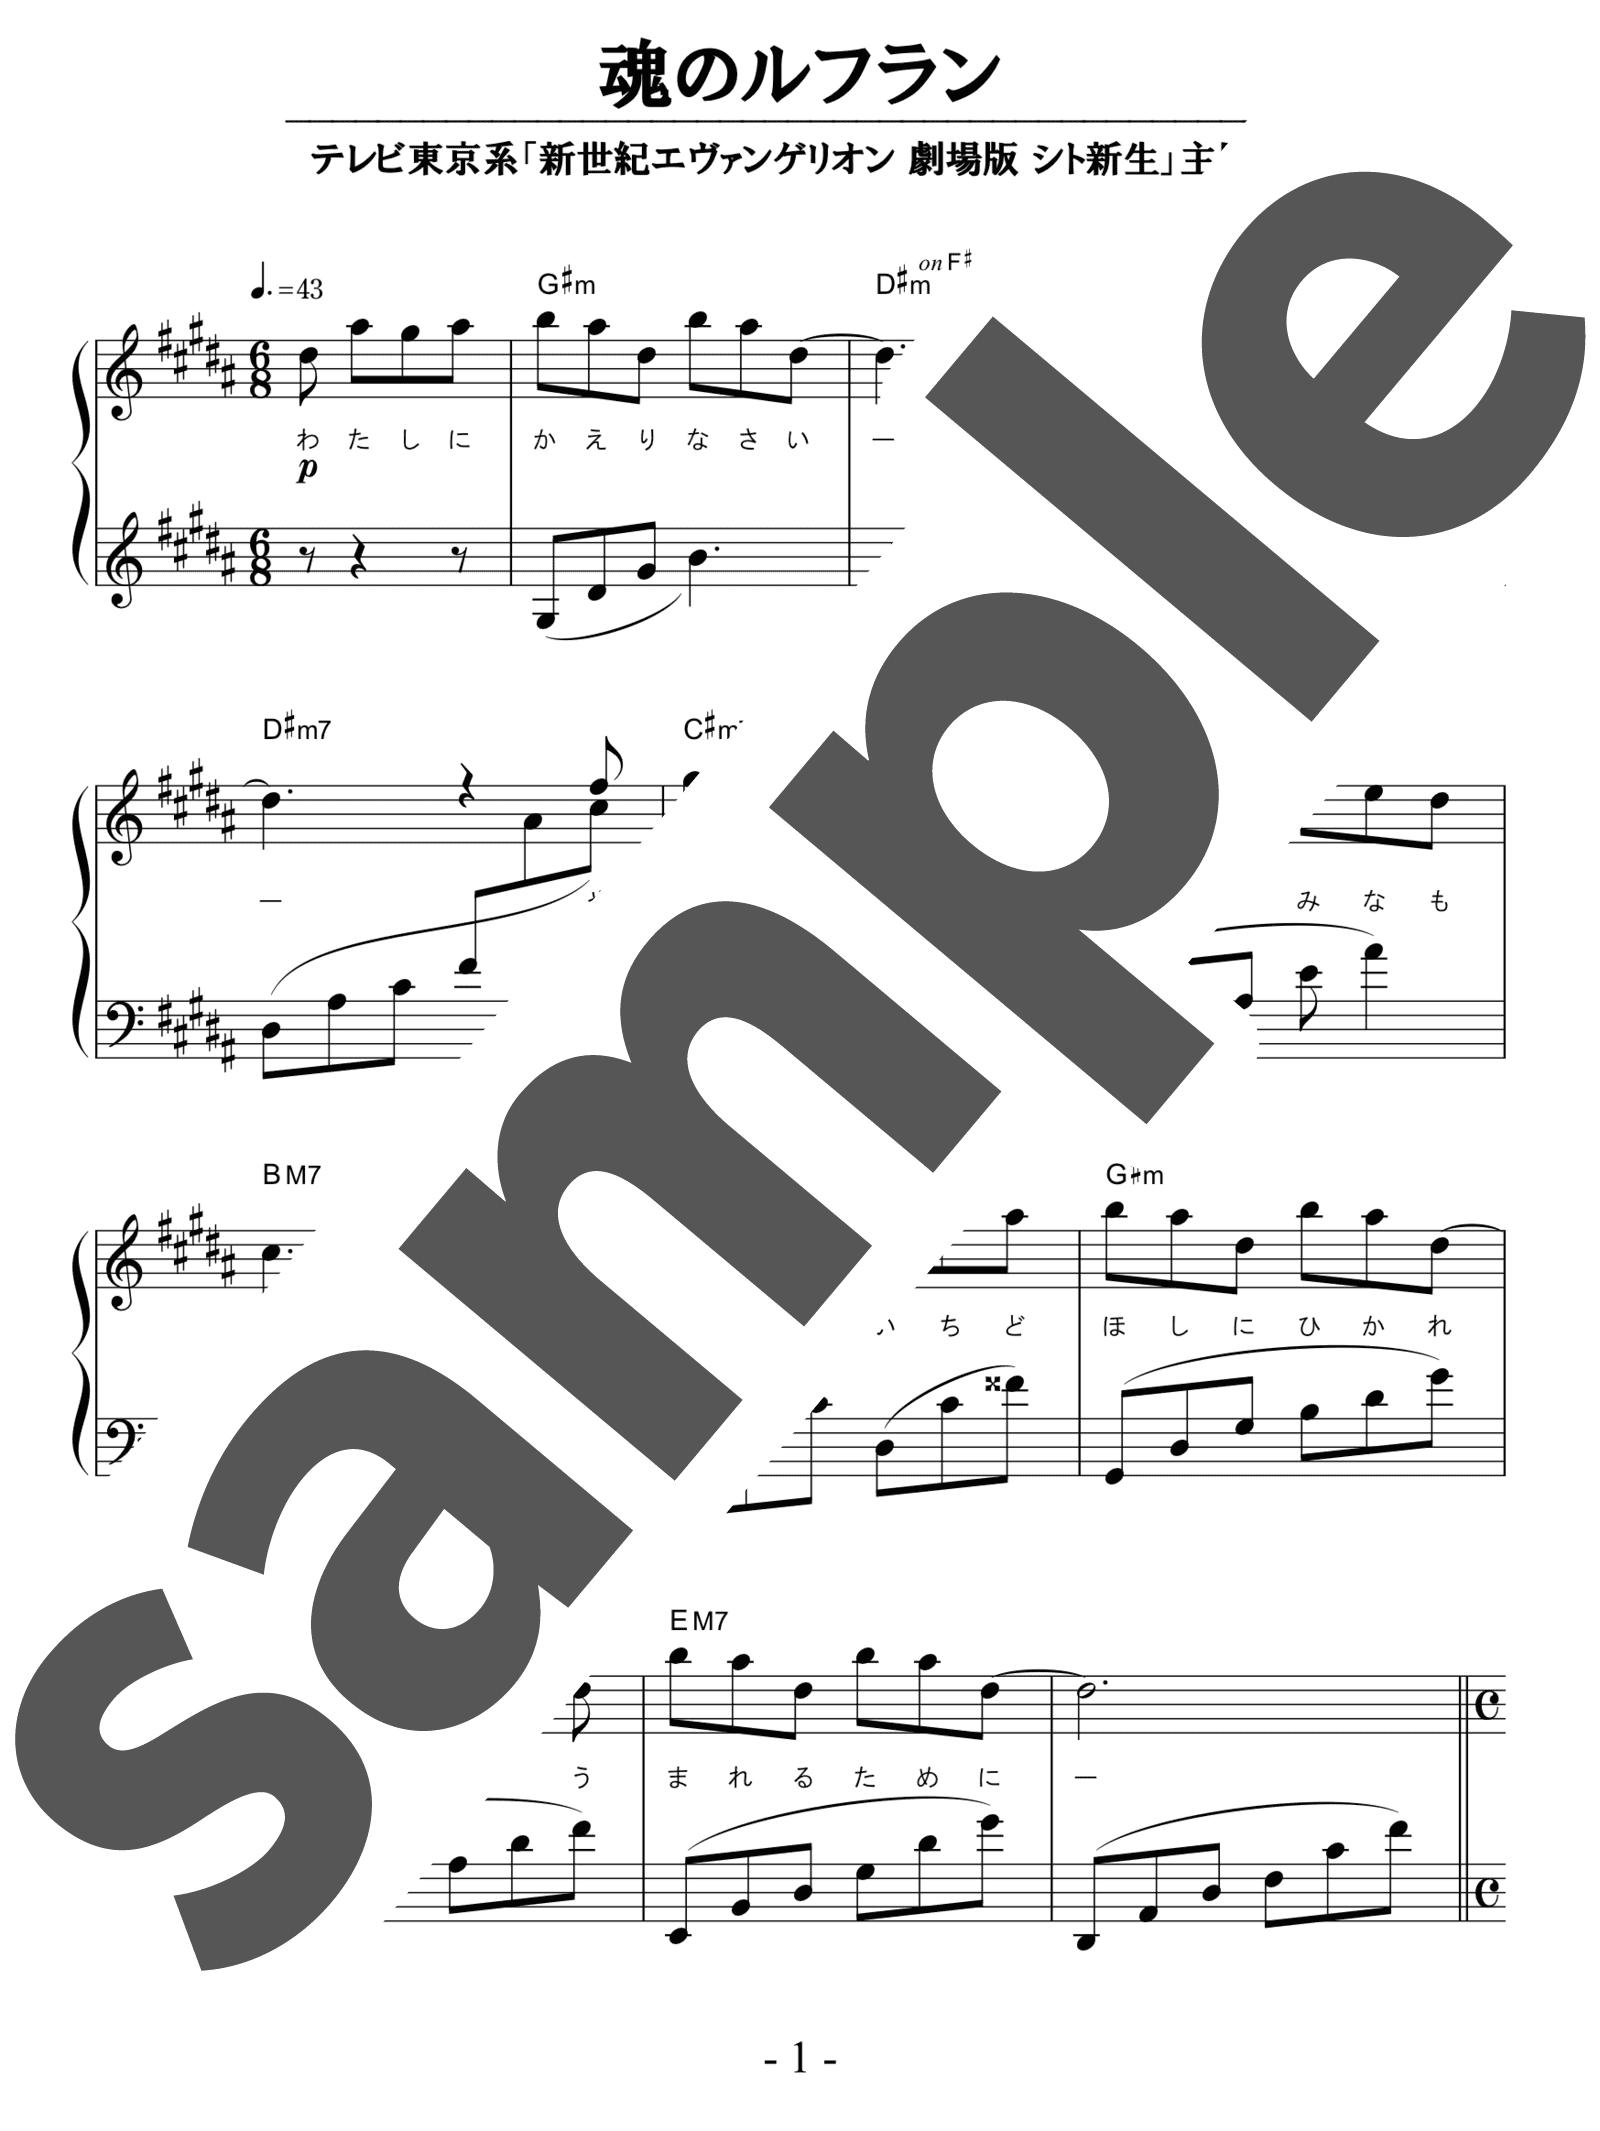 「魂のルフラン」のサンプル楽譜